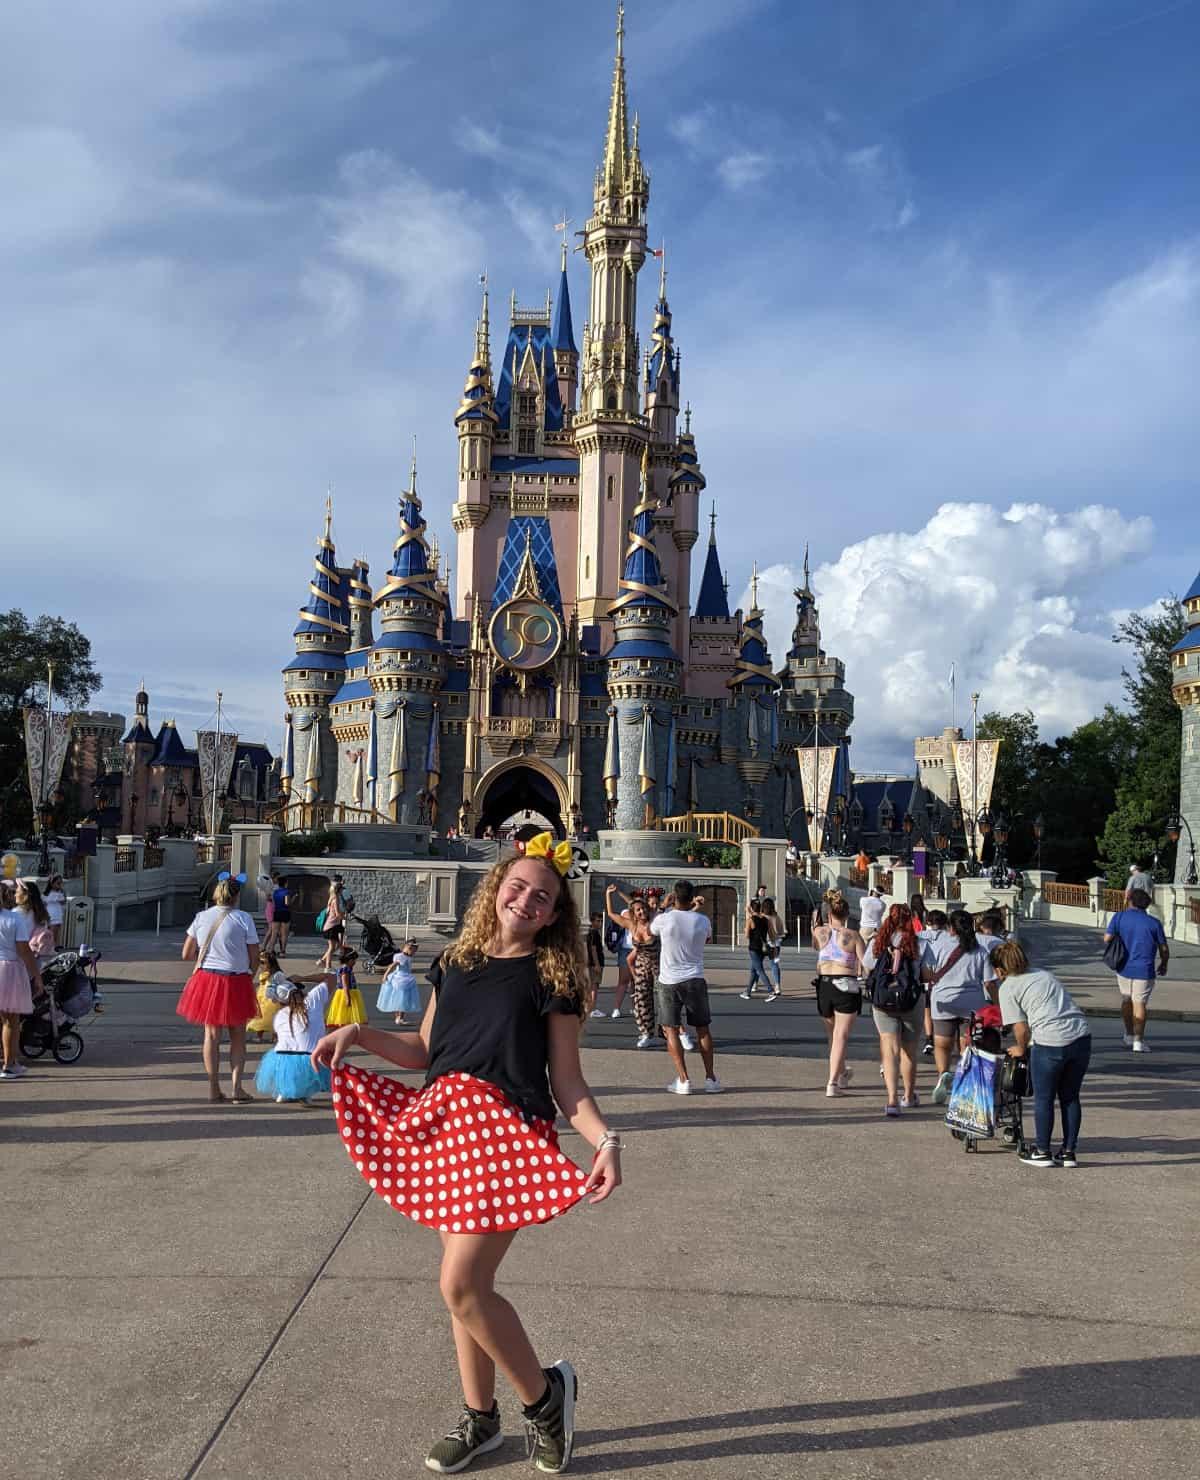 Magic Kingdom Castle and Teen in Minnie Dress